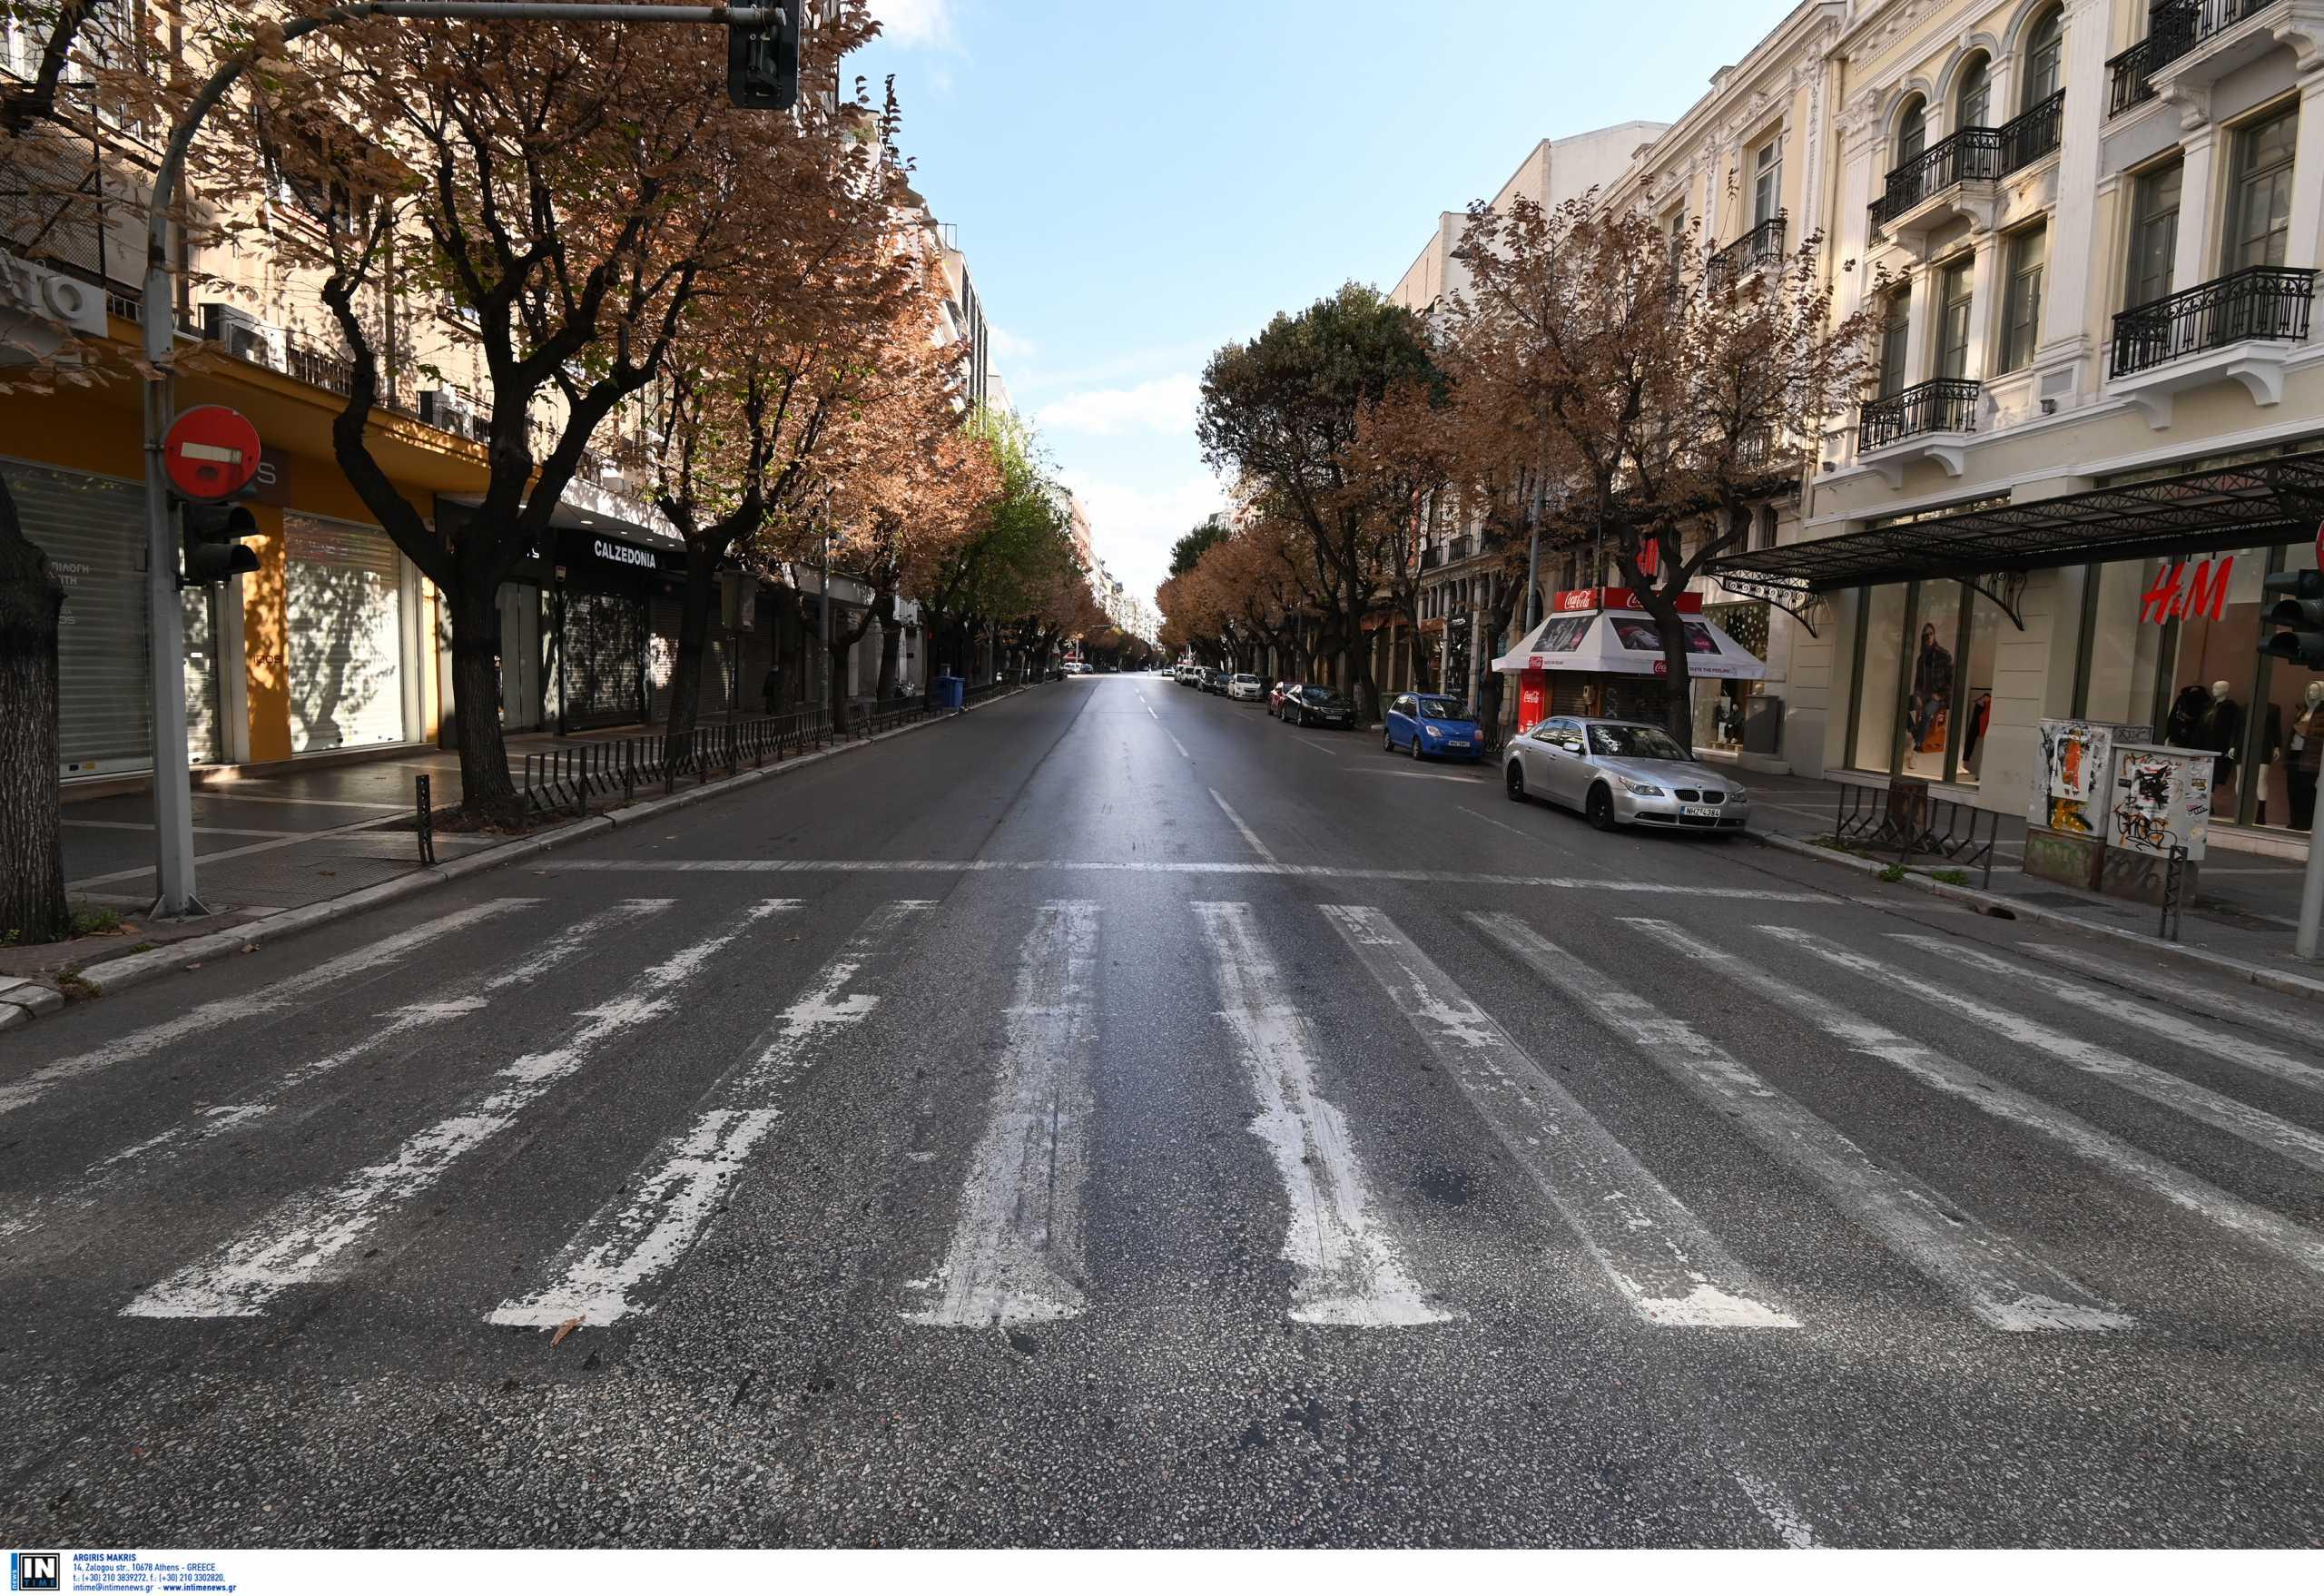 Θεσσαλονίκη: Έρχεται η πρώτη τρισδιάστατη διάβαση στην Καλαμαριά